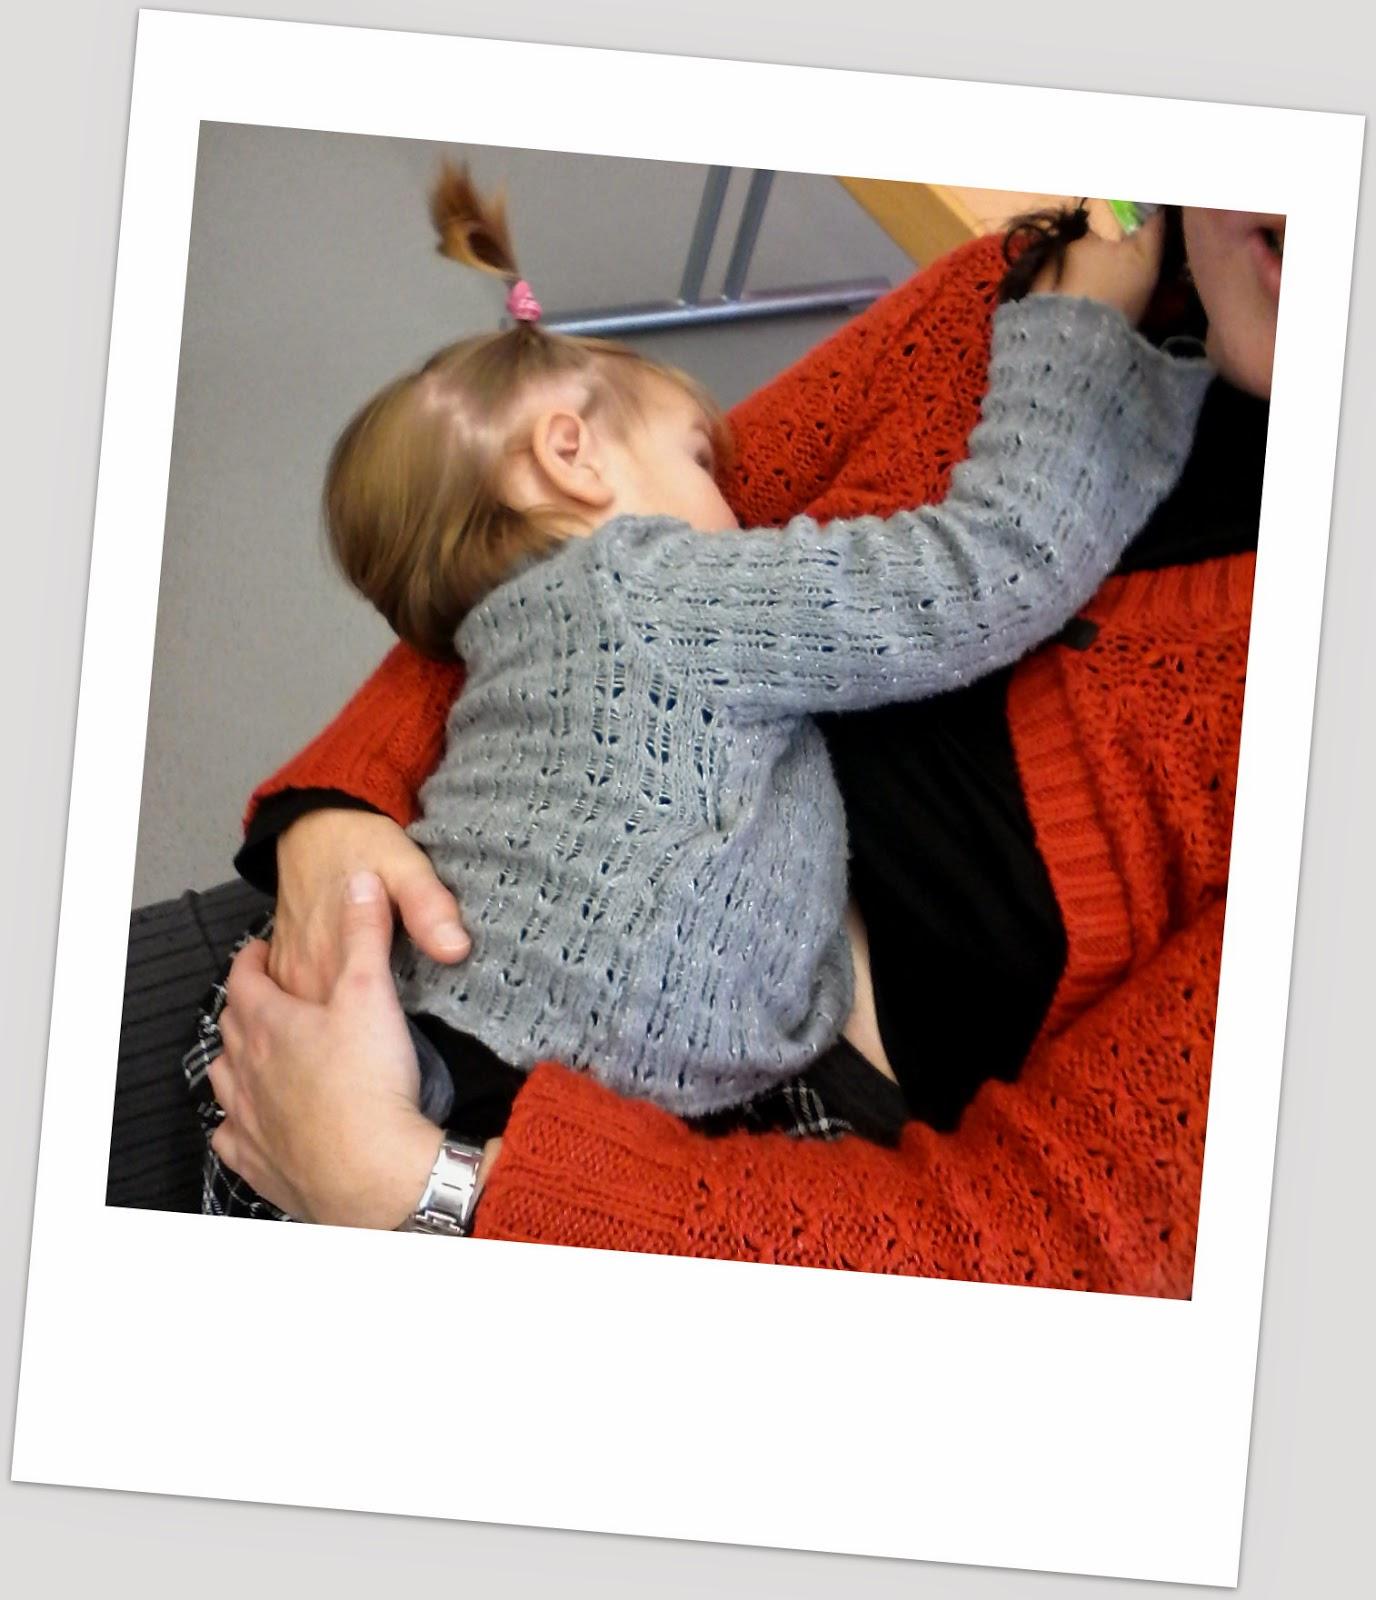 LLL leche league réunion allaitement entraide soutien bénévole maternage allaiter